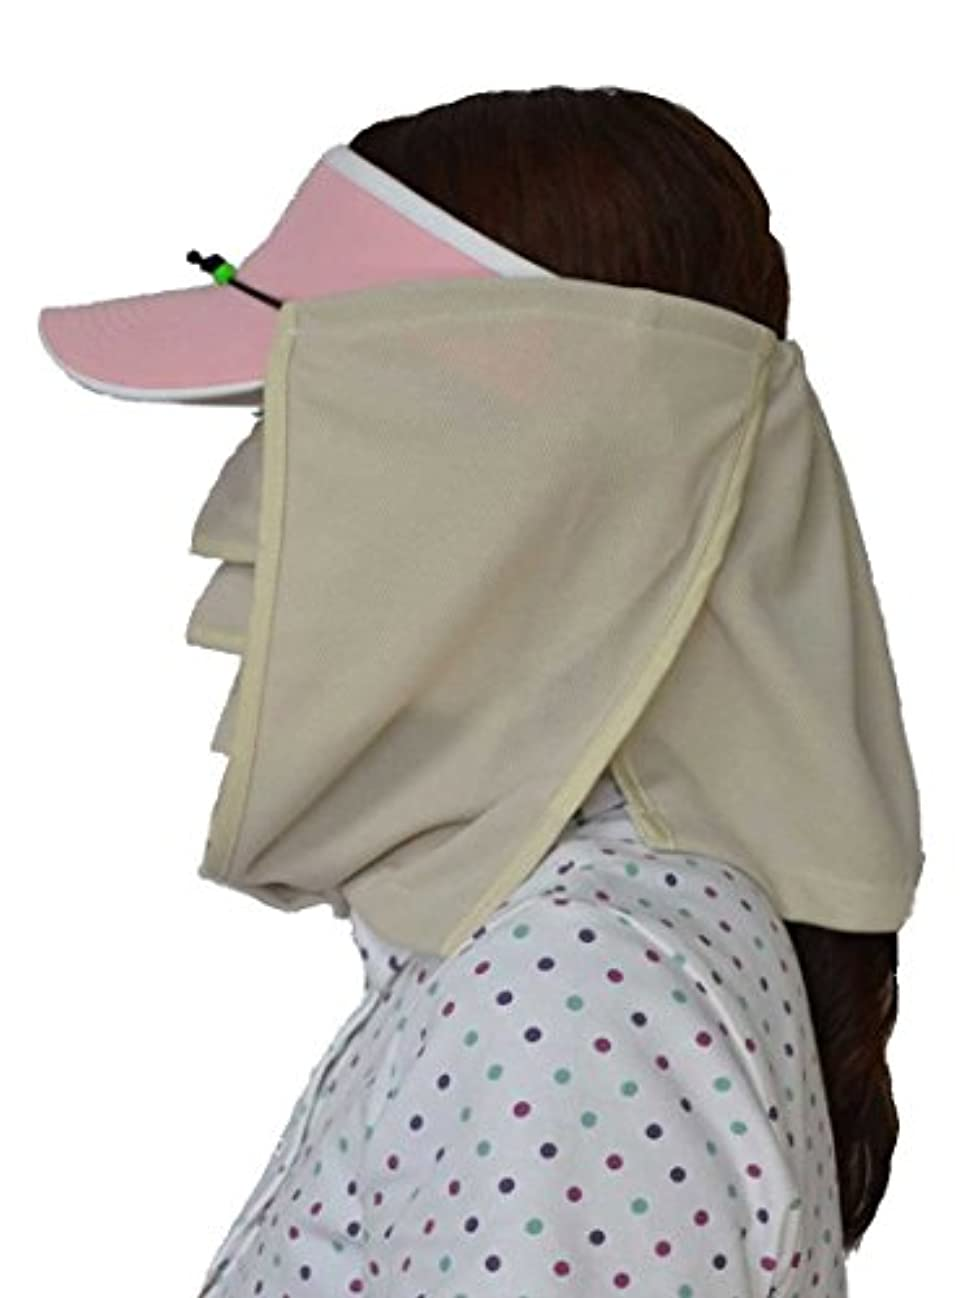 人工かけるこどもの日UVマスク?マモルーノ?とUV帽子カバー?スズシーノ?のセット(ベージュ)【太陽からの直射光や照り返し.散乱光の紫外線対策や熱射病、熱中症対策に最適の組合せです.】